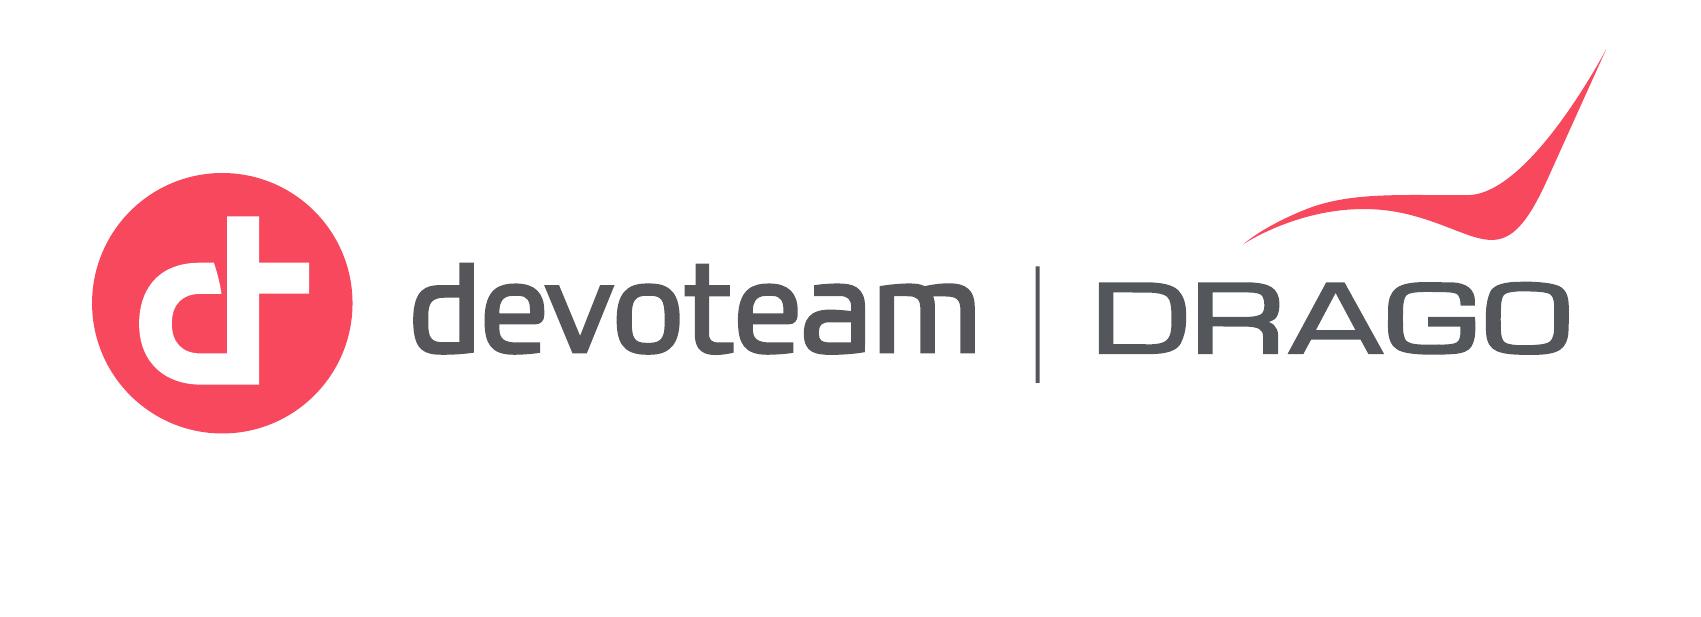 DVTDrago logo